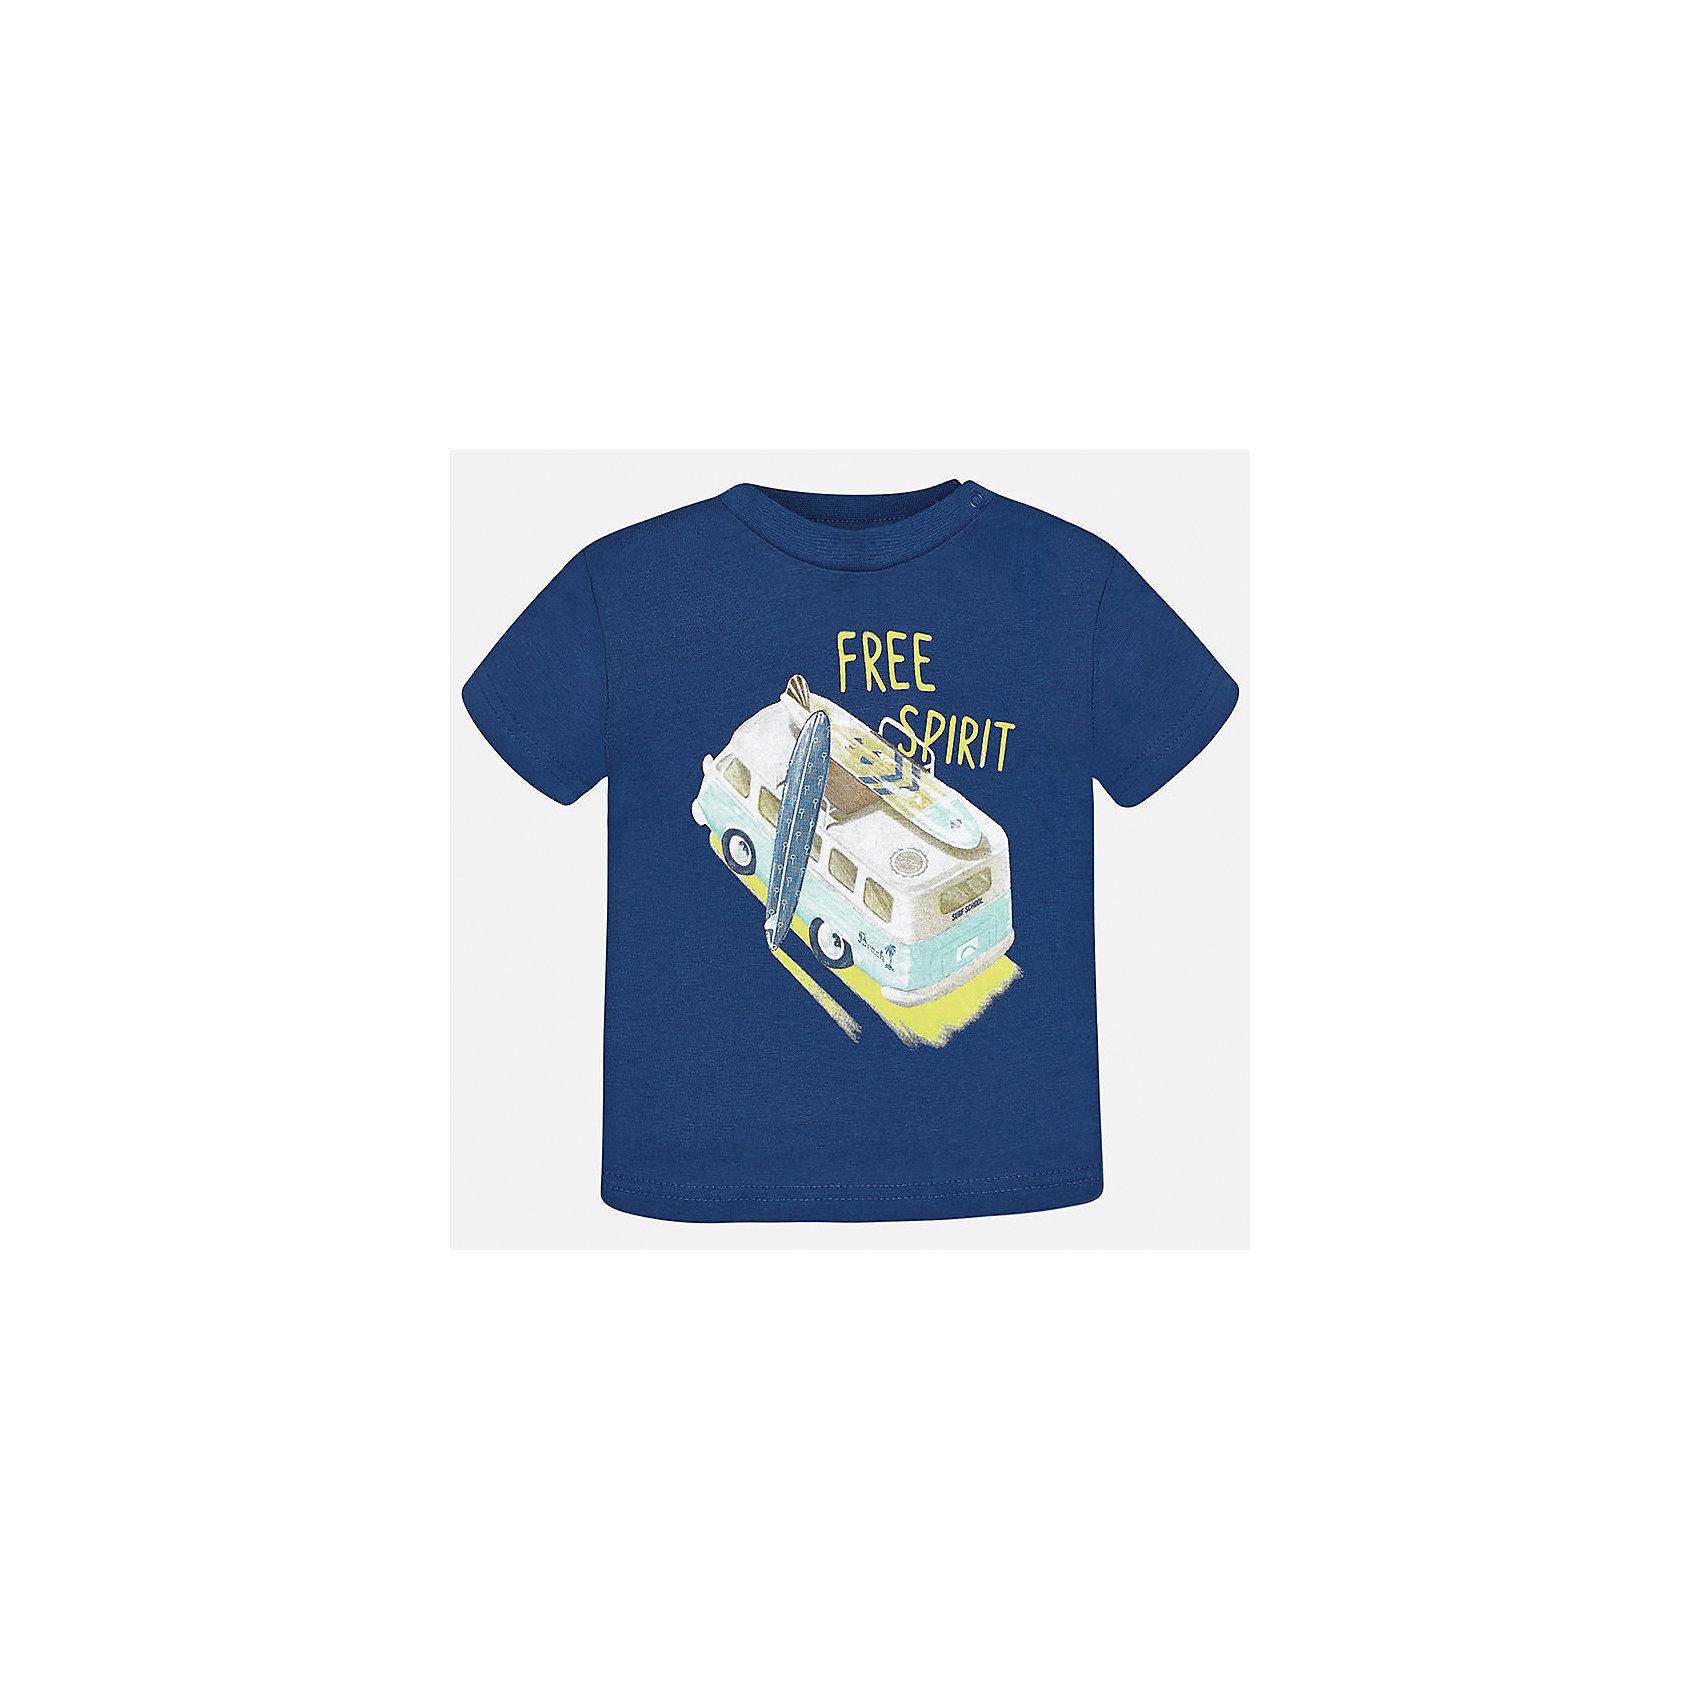 Футболка для мальчика MayoralФутболки, топы<br>Характеристики товара:<br><br>• цвет: синий<br>• состав: 100% хлопок<br>• круглый горловой вырез<br>• декорирована принтом<br>• короткие рукава<br>• мягкая отделка горловины<br>• страна бренда: Испания<br><br>Стильная удобная футболка с принтом поможет разнообразить гардероб мальчика. Она отлично сочетается с брюками, шортами, джинсами. Универсальный крой и цвет позволяет подобрать к вещи низ разных расцветок. Практичное и стильное изделие! Хорошо смотрится и комфортно сидит на детях. В составе материала - натуральный хлопок, гипоаллергенный, приятный на ощупь, дышащий. <br><br>Одежда, обувь и аксессуары от испанского бренда Mayoral полюбились детям и взрослым по всему миру. Модели этой марки - стильные и удобные. Для их производства используются только безопасные, качественные материалы и фурнитура. Порадуйте ребенка модными и красивыми вещами от Mayoral! <br><br>Футболку для мальчика от испанского бренда Mayoral (Майорал) можно купить в нашем интернет-магазине.<br><br>Ширина мм: 199<br>Глубина мм: 10<br>Высота мм: 161<br>Вес г: 151<br>Цвет: серый<br>Возраст от месяцев: 12<br>Возраст до месяцев: 15<br>Пол: Мужской<br>Возраст: Детский<br>Размер: 80,92,86<br>SKU: 5278453